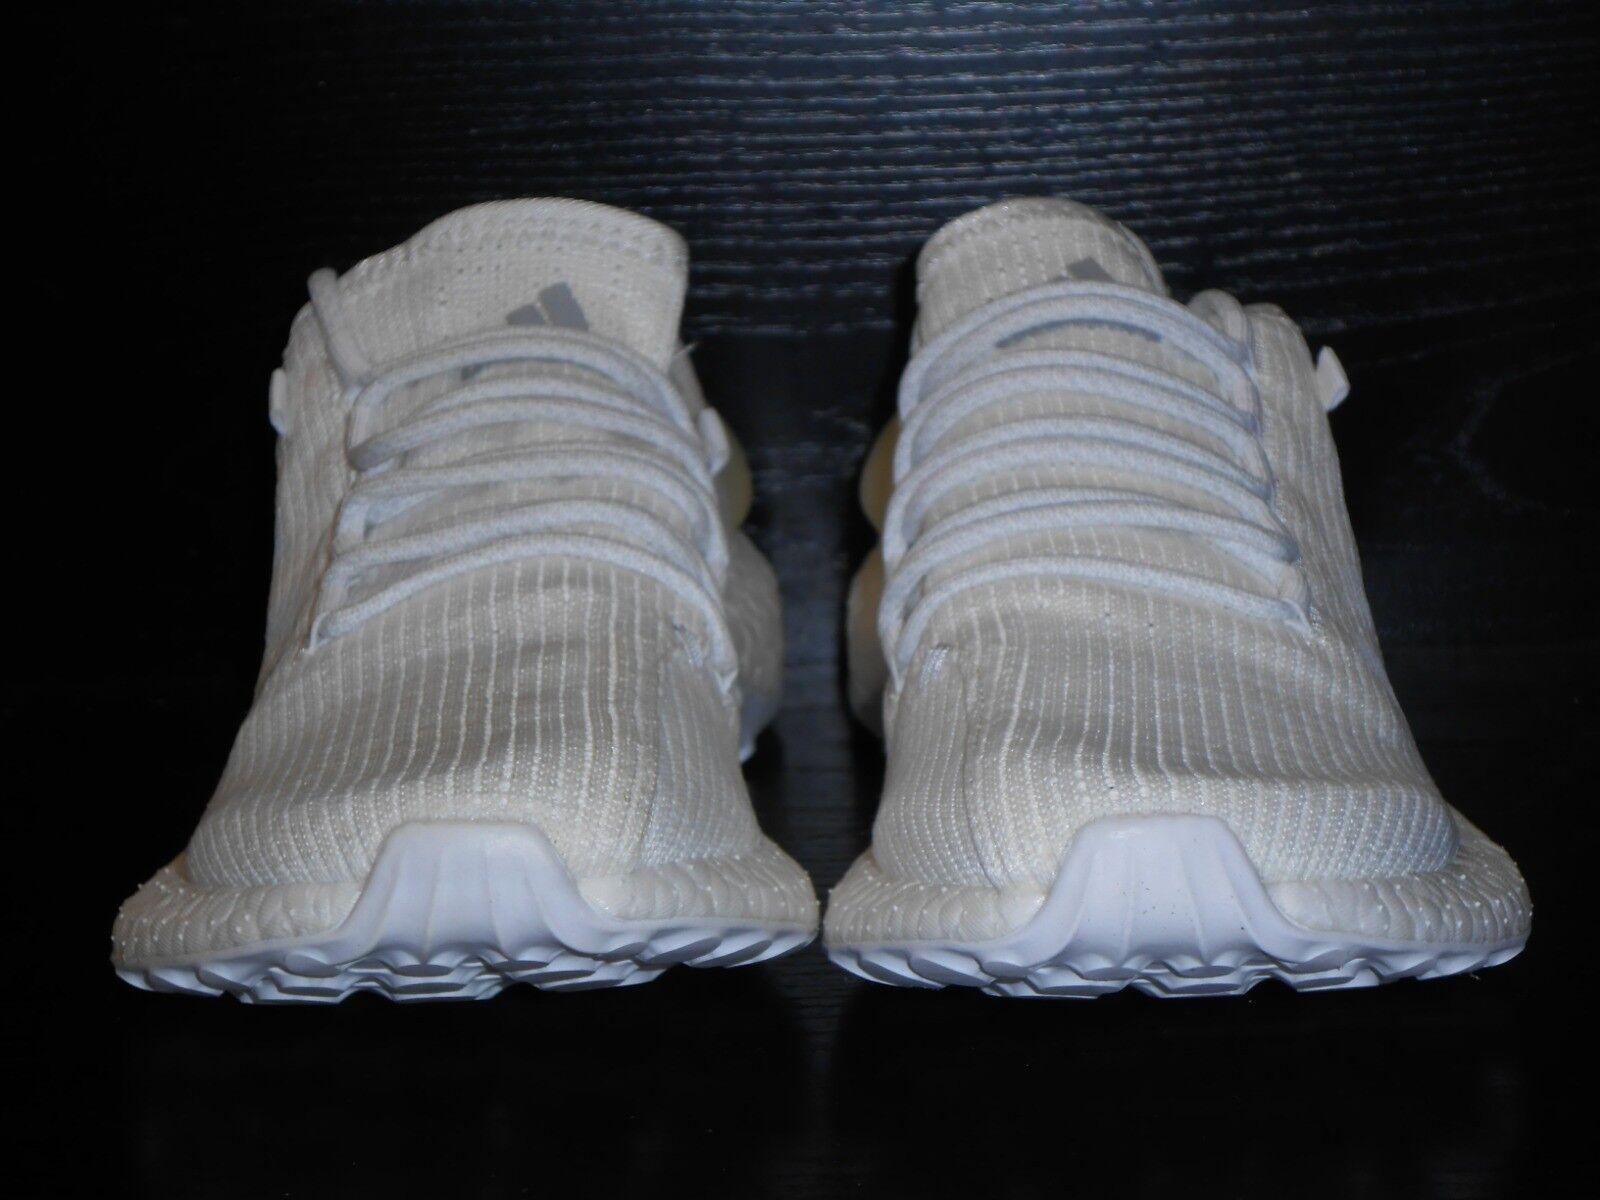 Adidas Pureboost Clima da uomo corsa 7.5 Trainer Shoe Taglia 7.5 corsa RRP 33cc6a